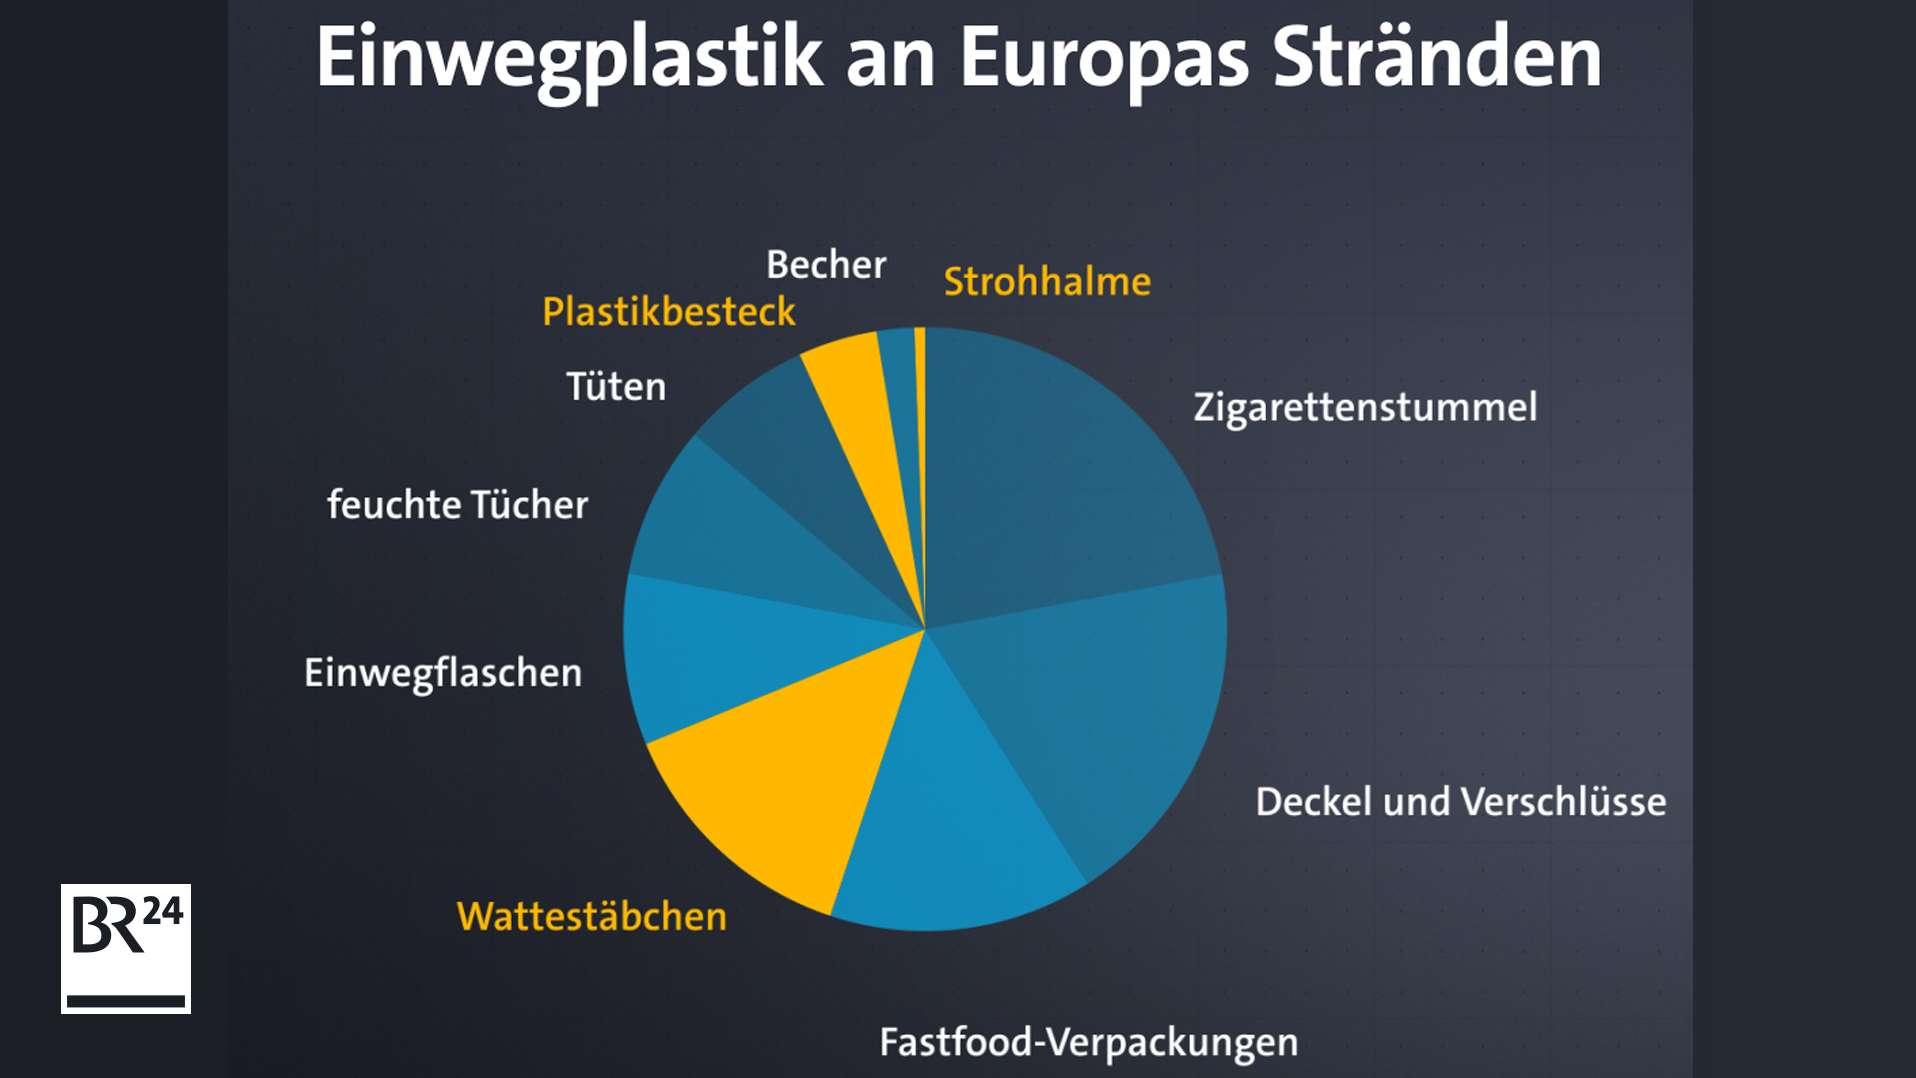 Nur Wattestäbchen, Strohhalme und Plastikbesteck (gelb markiert) trifft das Verbot. Daten: Europäische Kommission / JRC Technical Reports